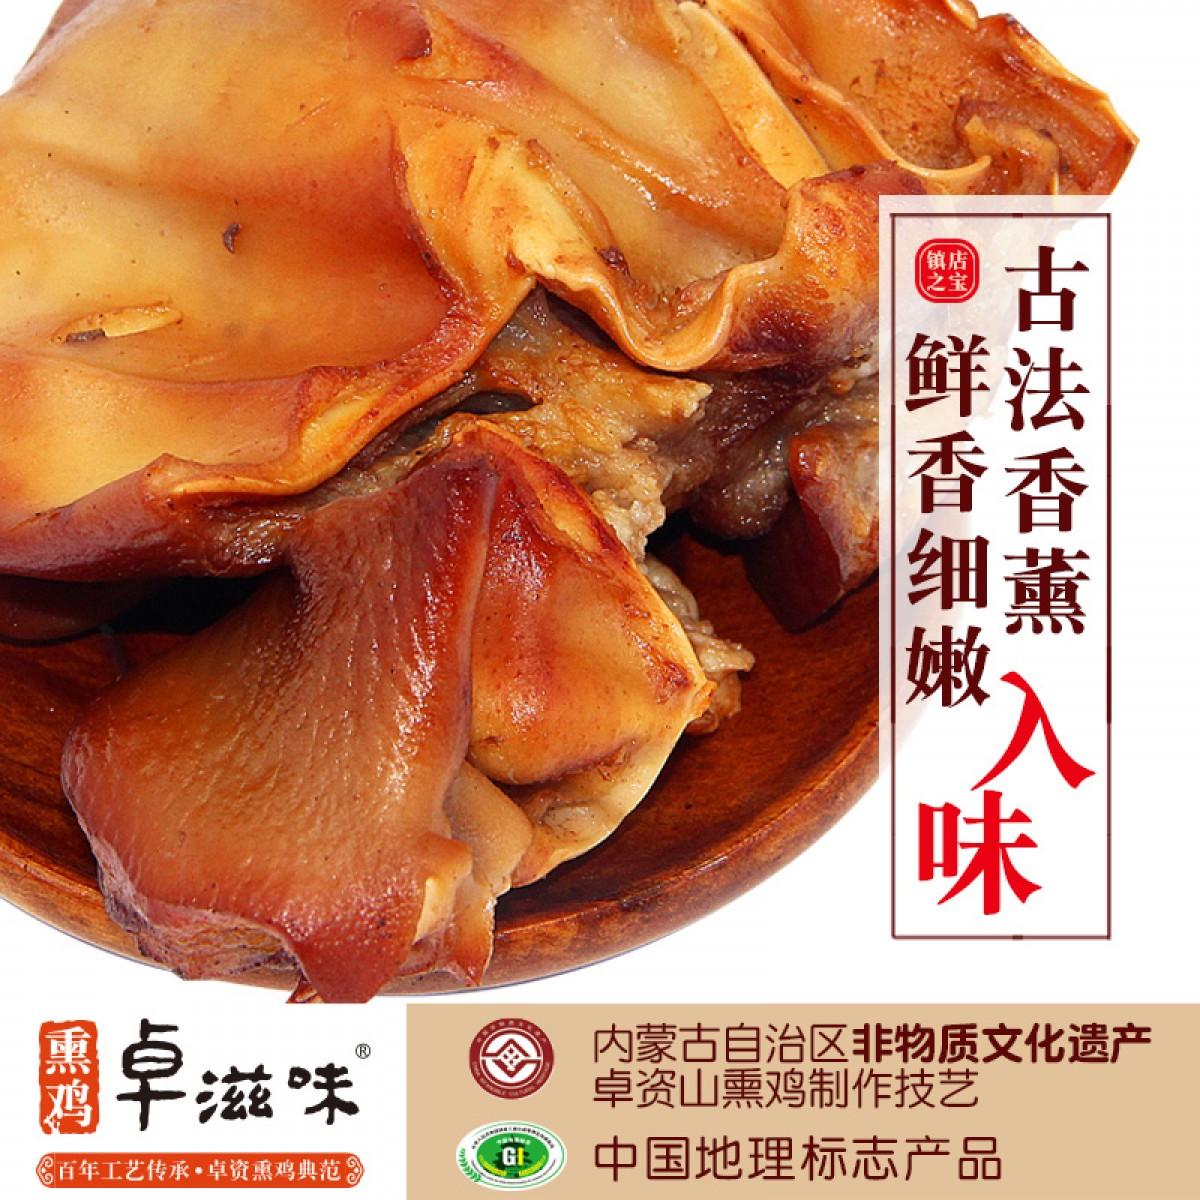 内蒙古卓滋味熏猪耳朵约250g